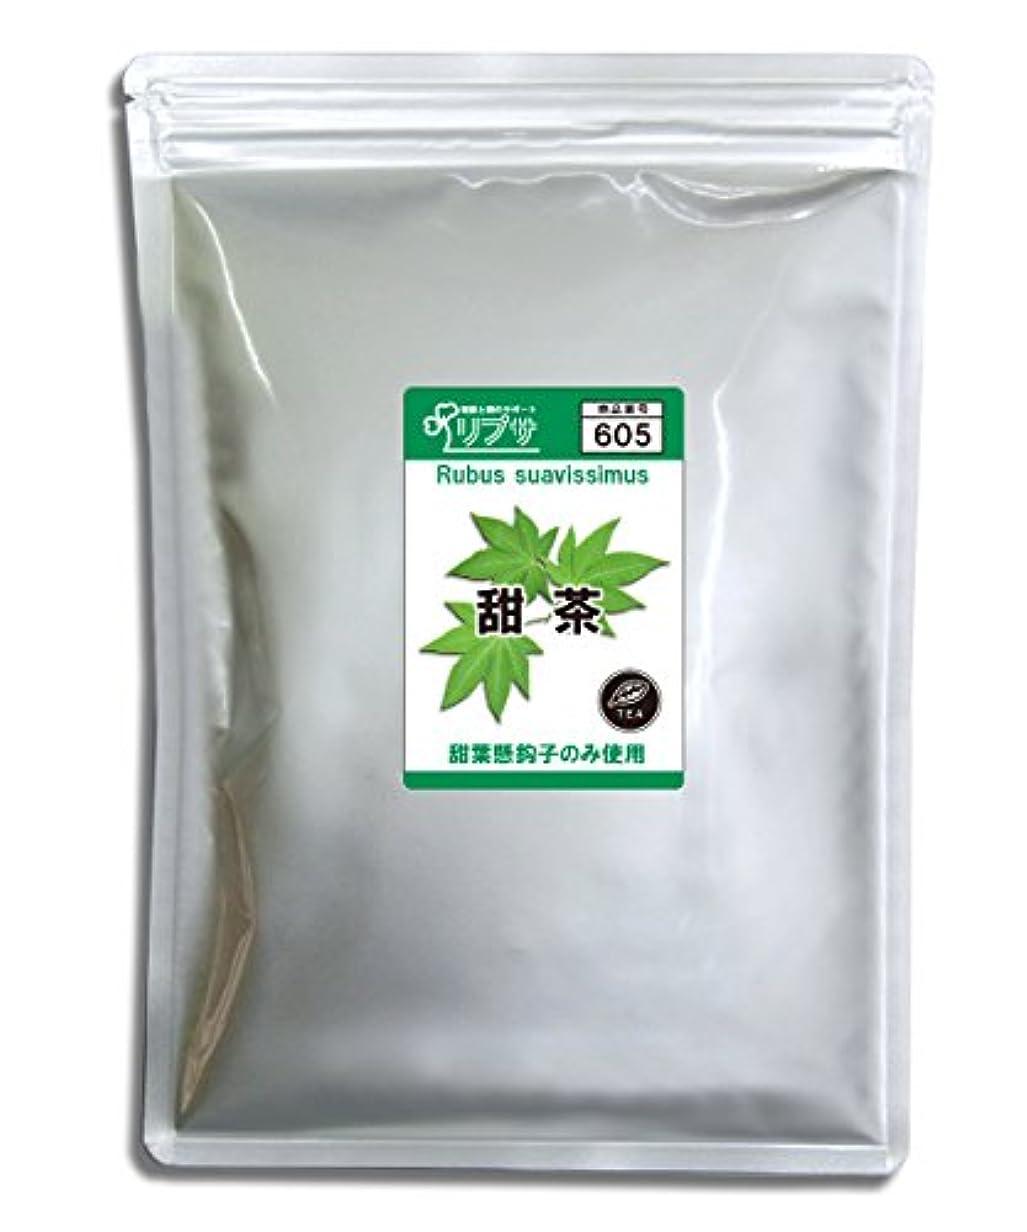 サラミ火アイデア甜茶 250g T-605